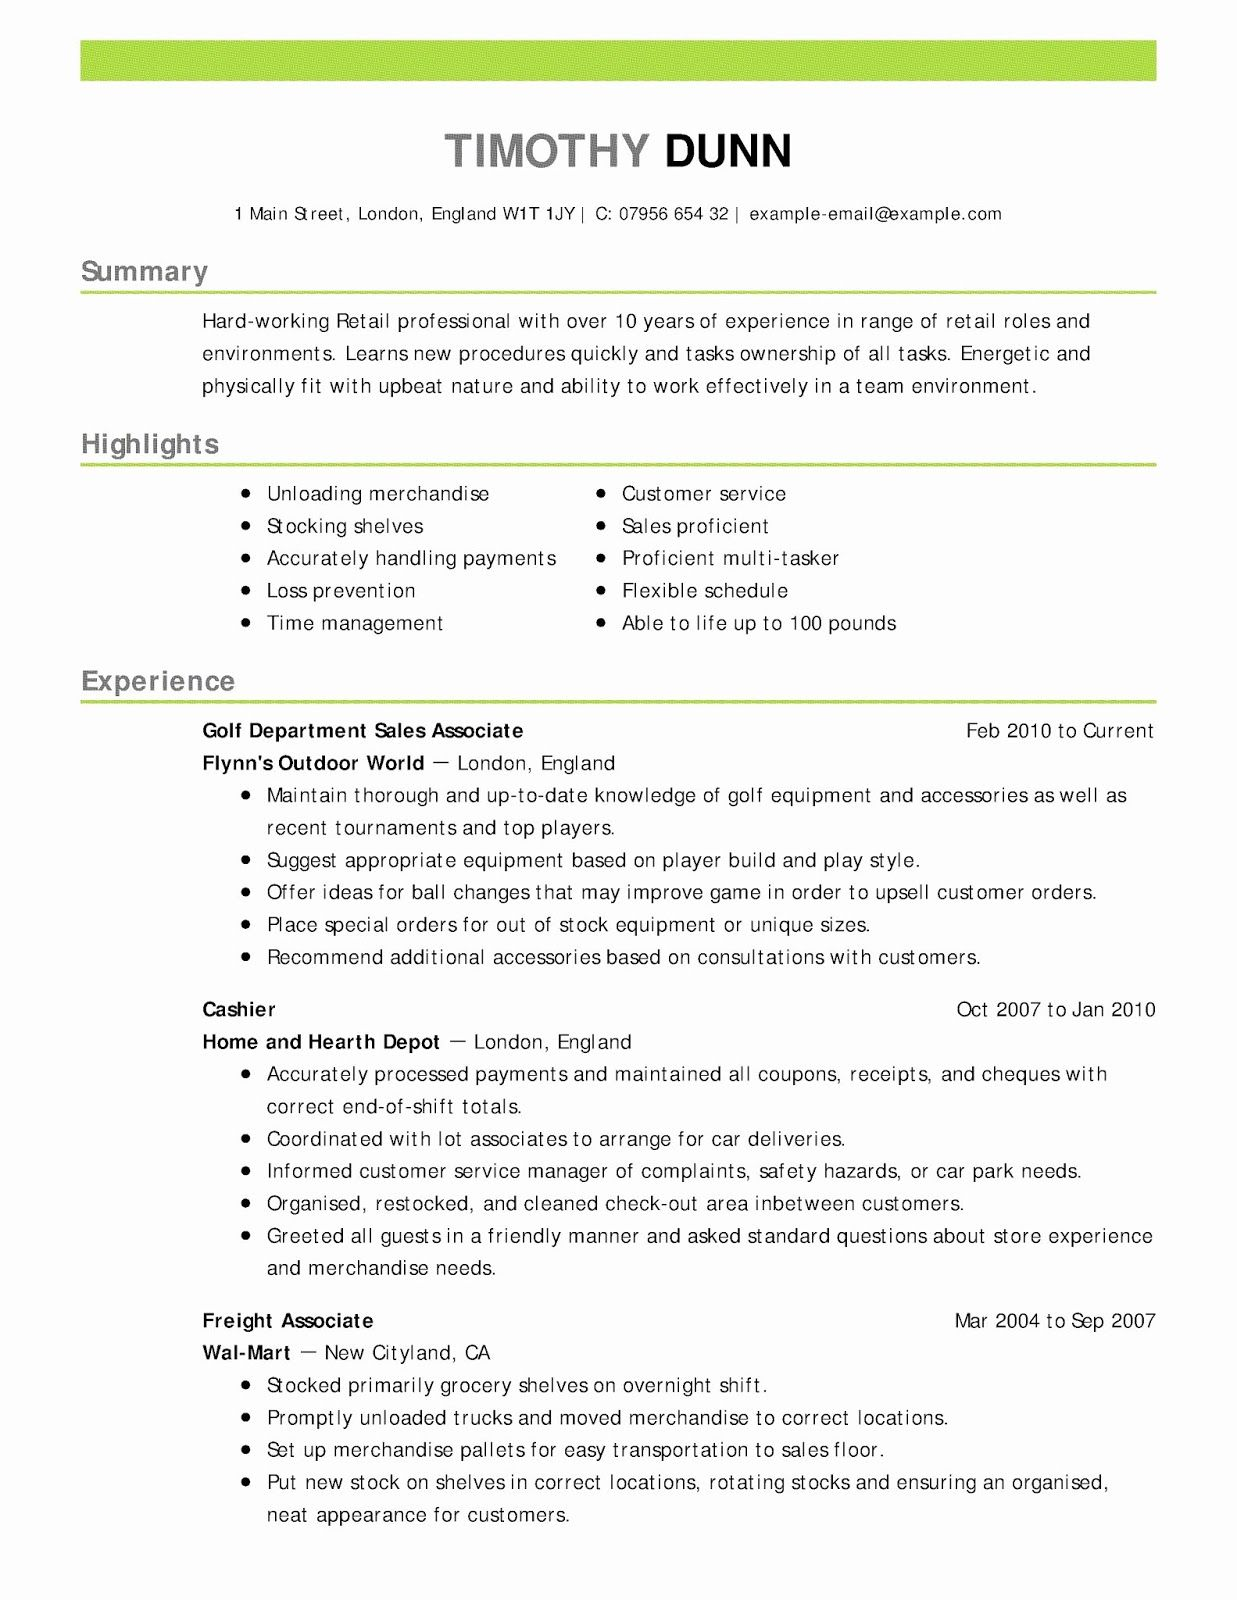 Restaurant Manager Resume Sample Restaurant Manager Resume Samples Pdf Restaurant Manager Resume Sample Fr Resume Examples Good Resume Examples Resume Skills